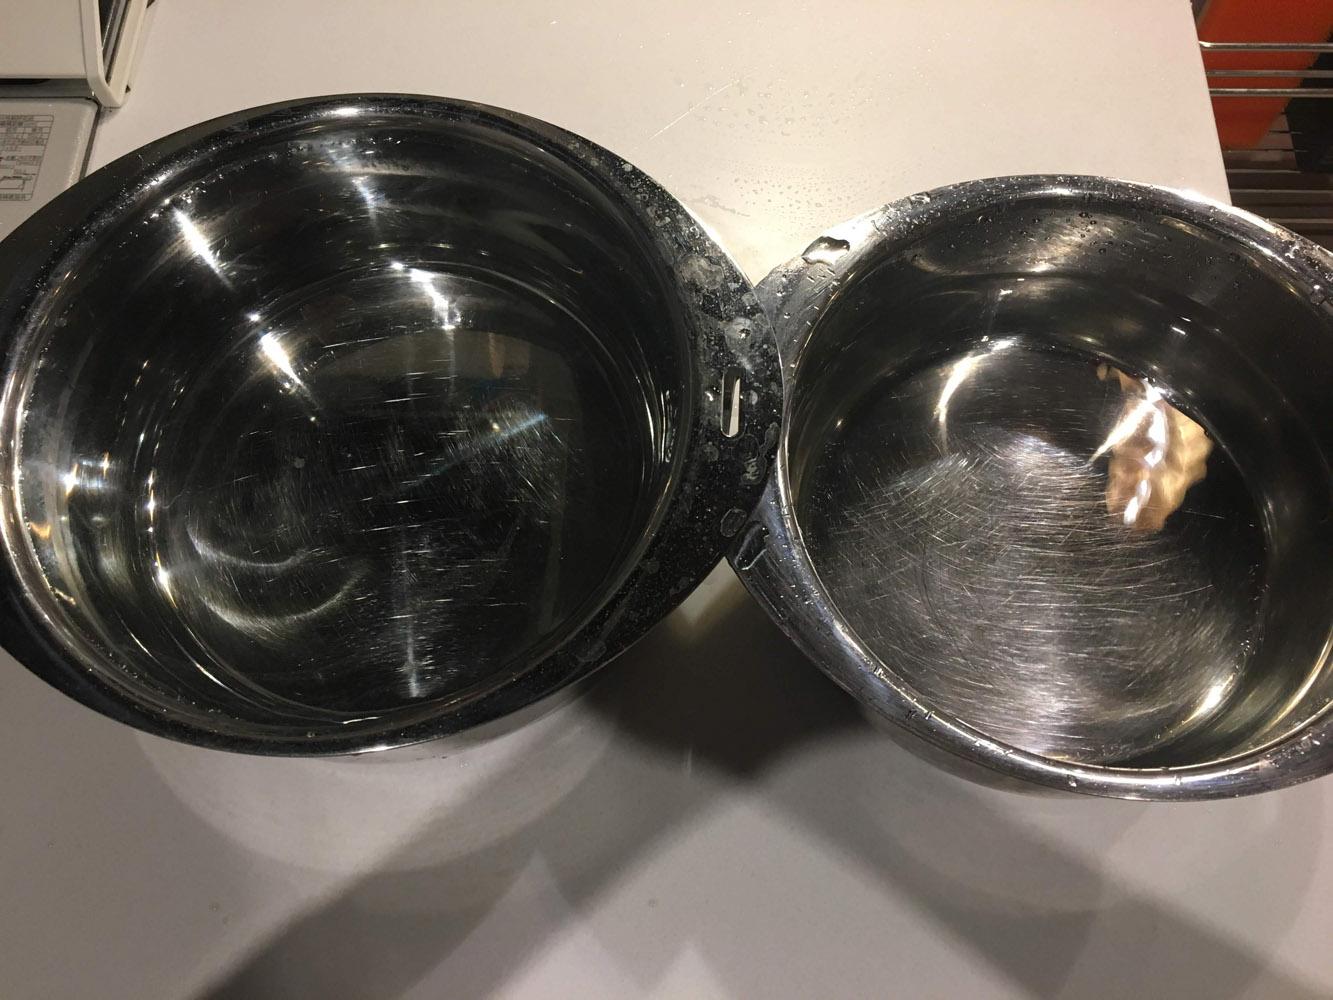 給湯器 お湯が出るまで何リットル必要?